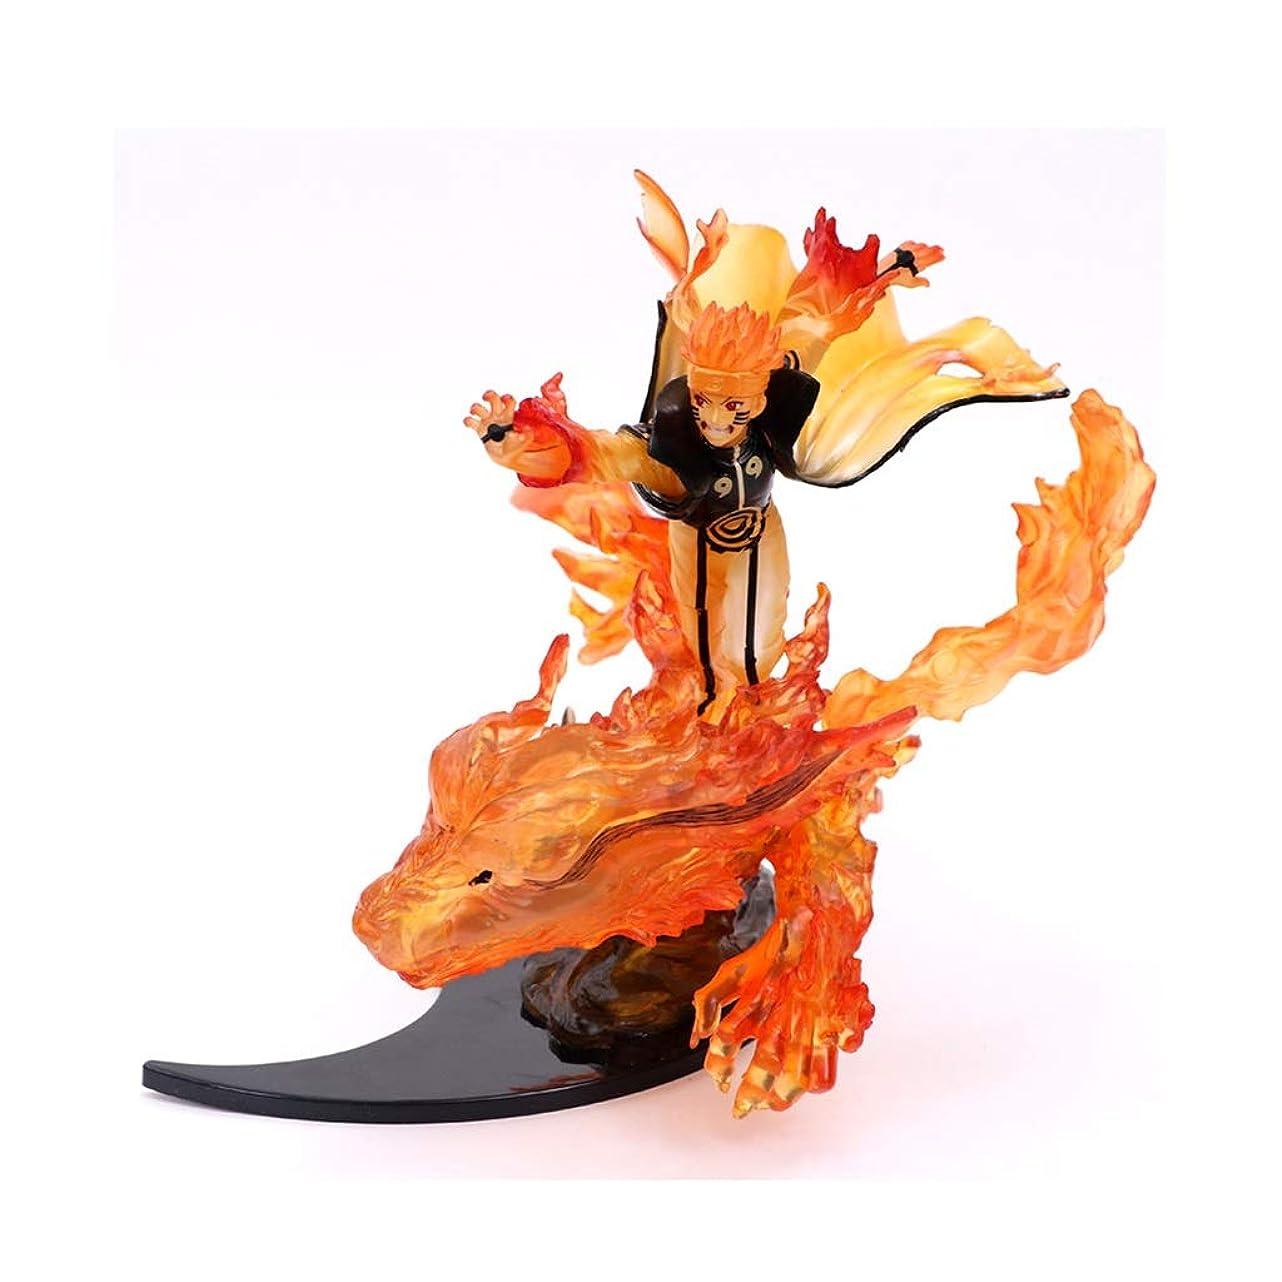 こしょうの注入するYYFRB キャラクターグッズモデルお土産誕生日プレゼントキャラクター像高さ21.5cm